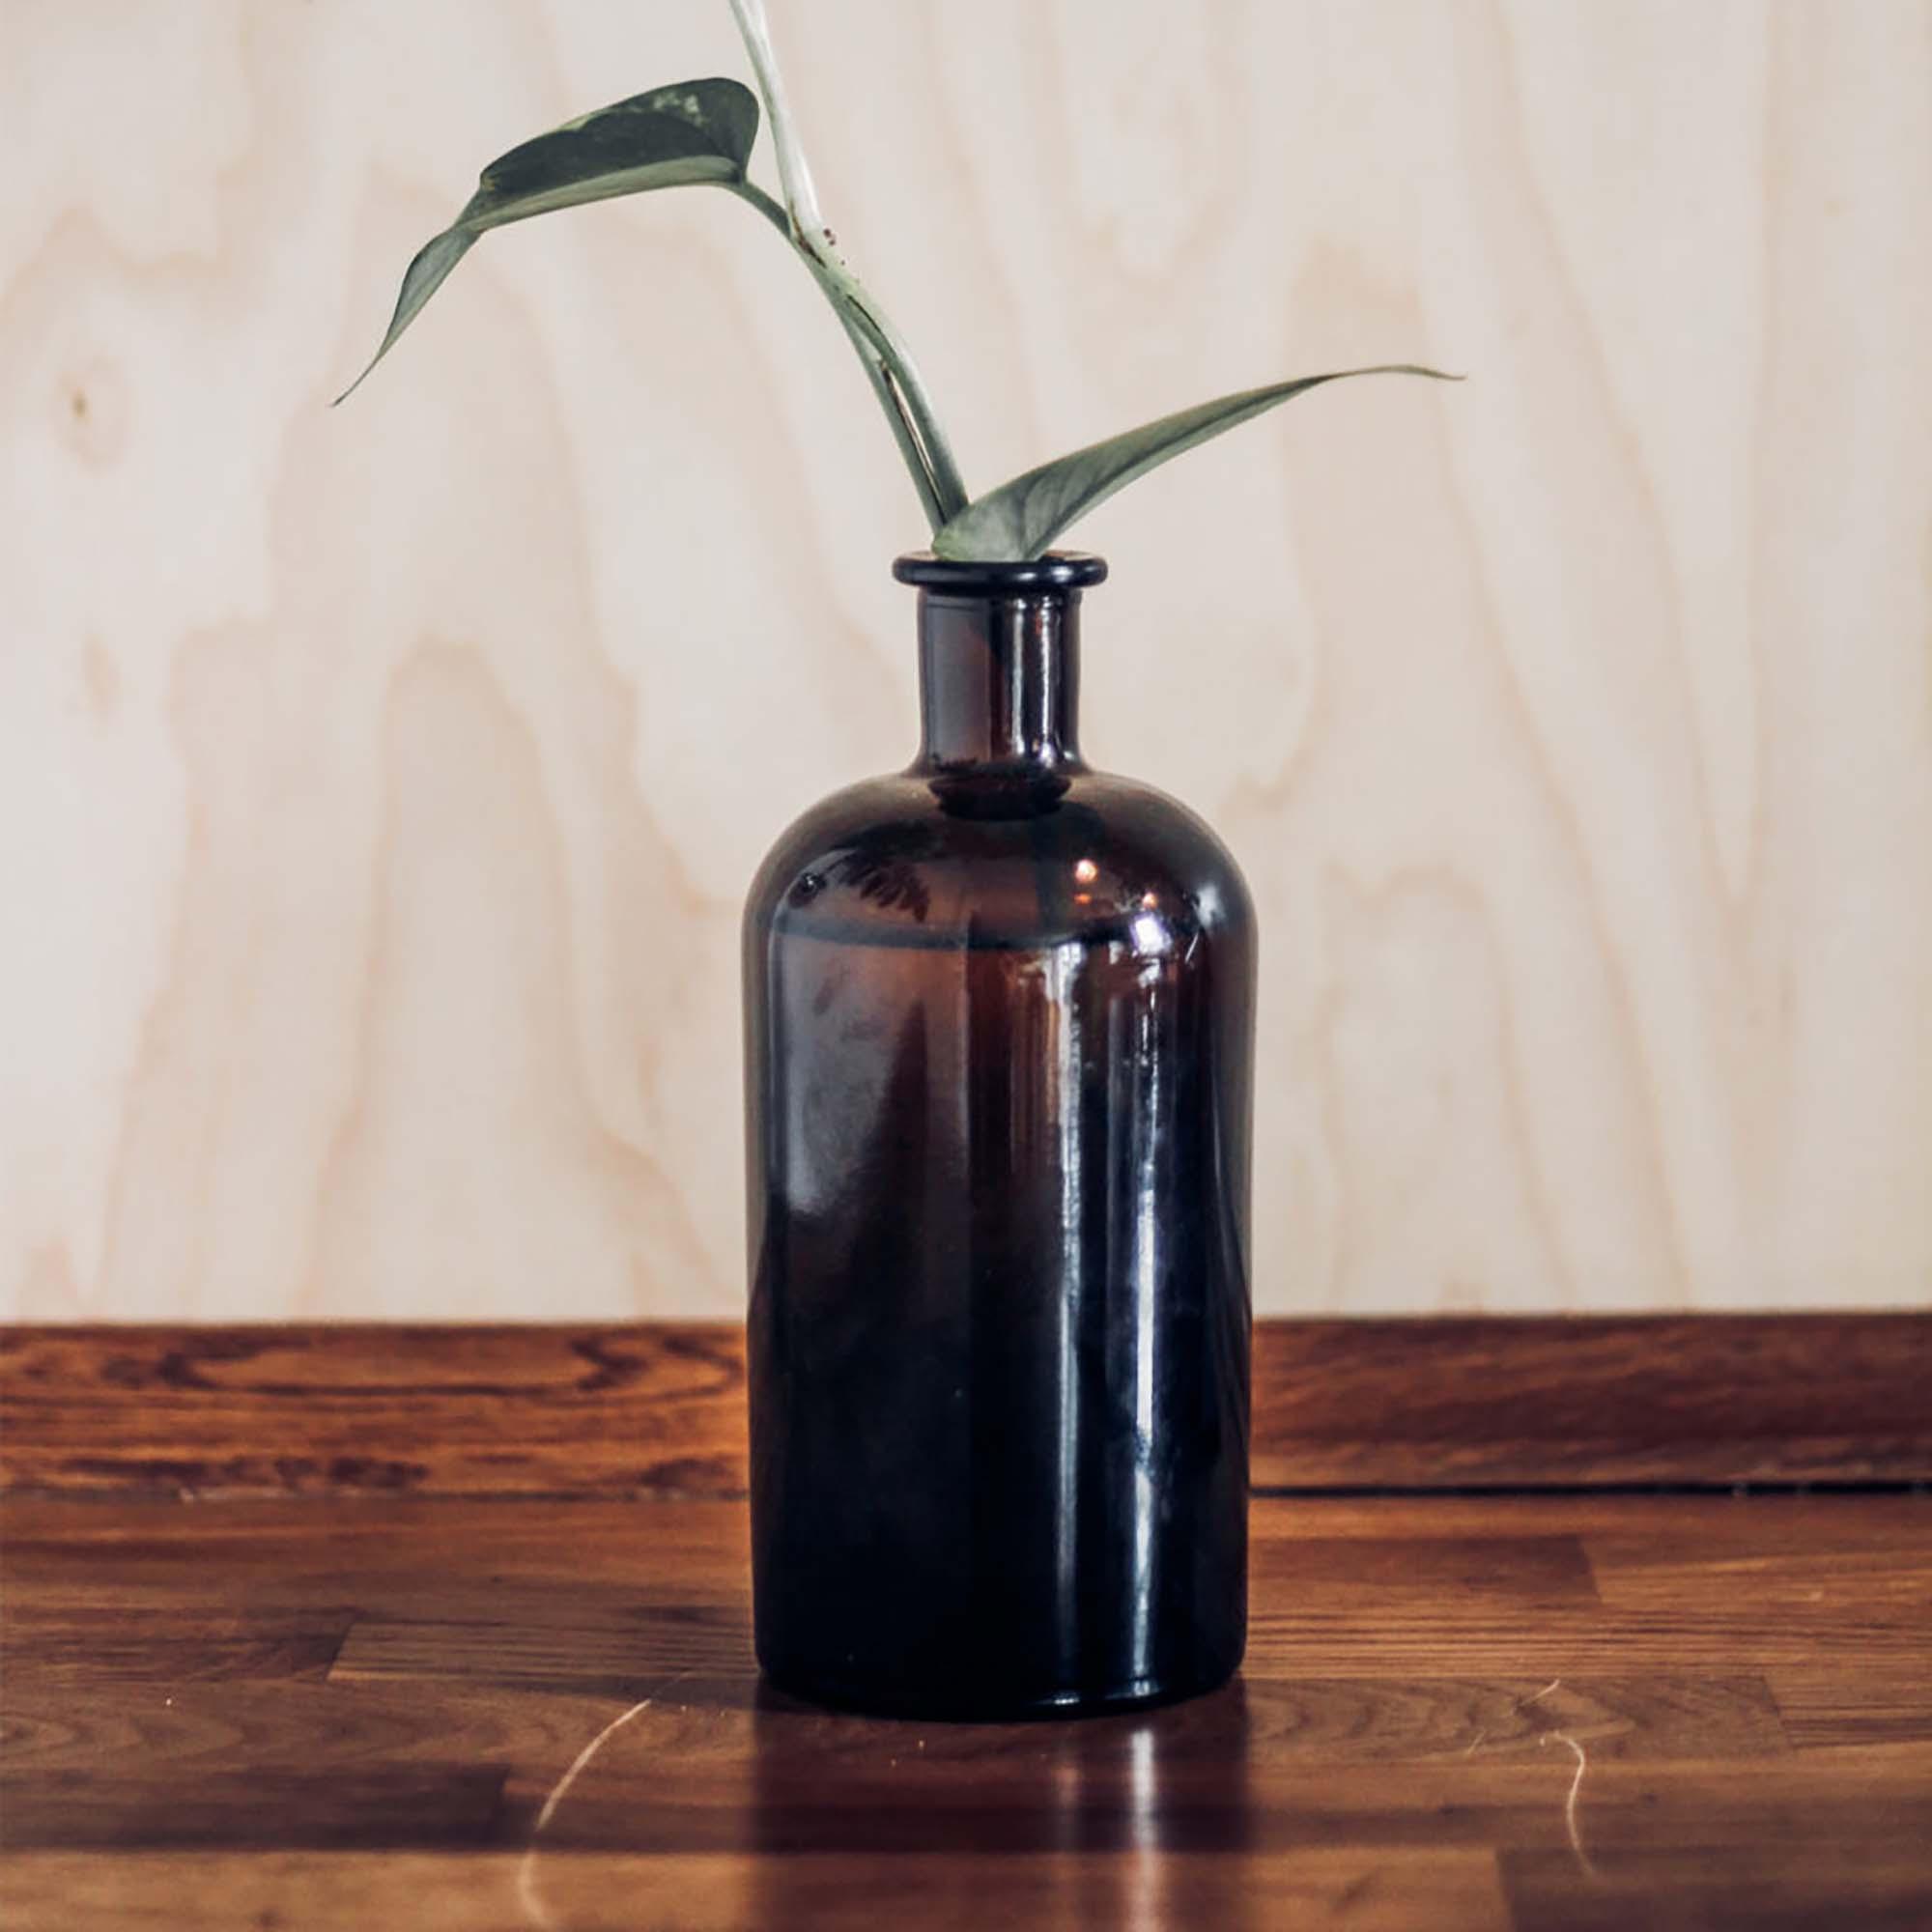 Vase Bottle Mockup 2